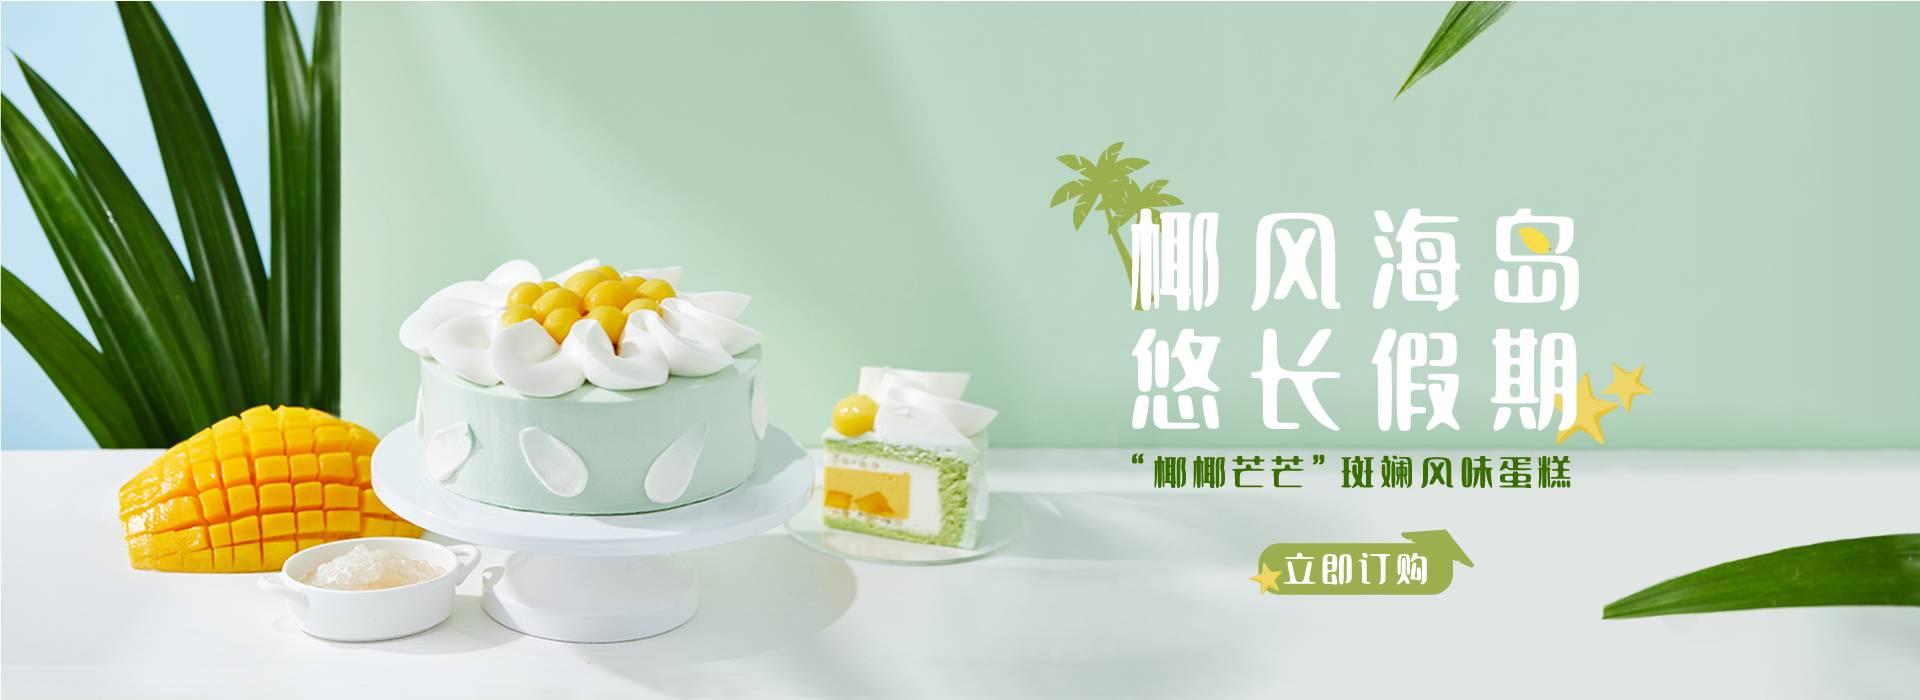 """""""椰椰芒芒""""斑斓风味蛋糕"""